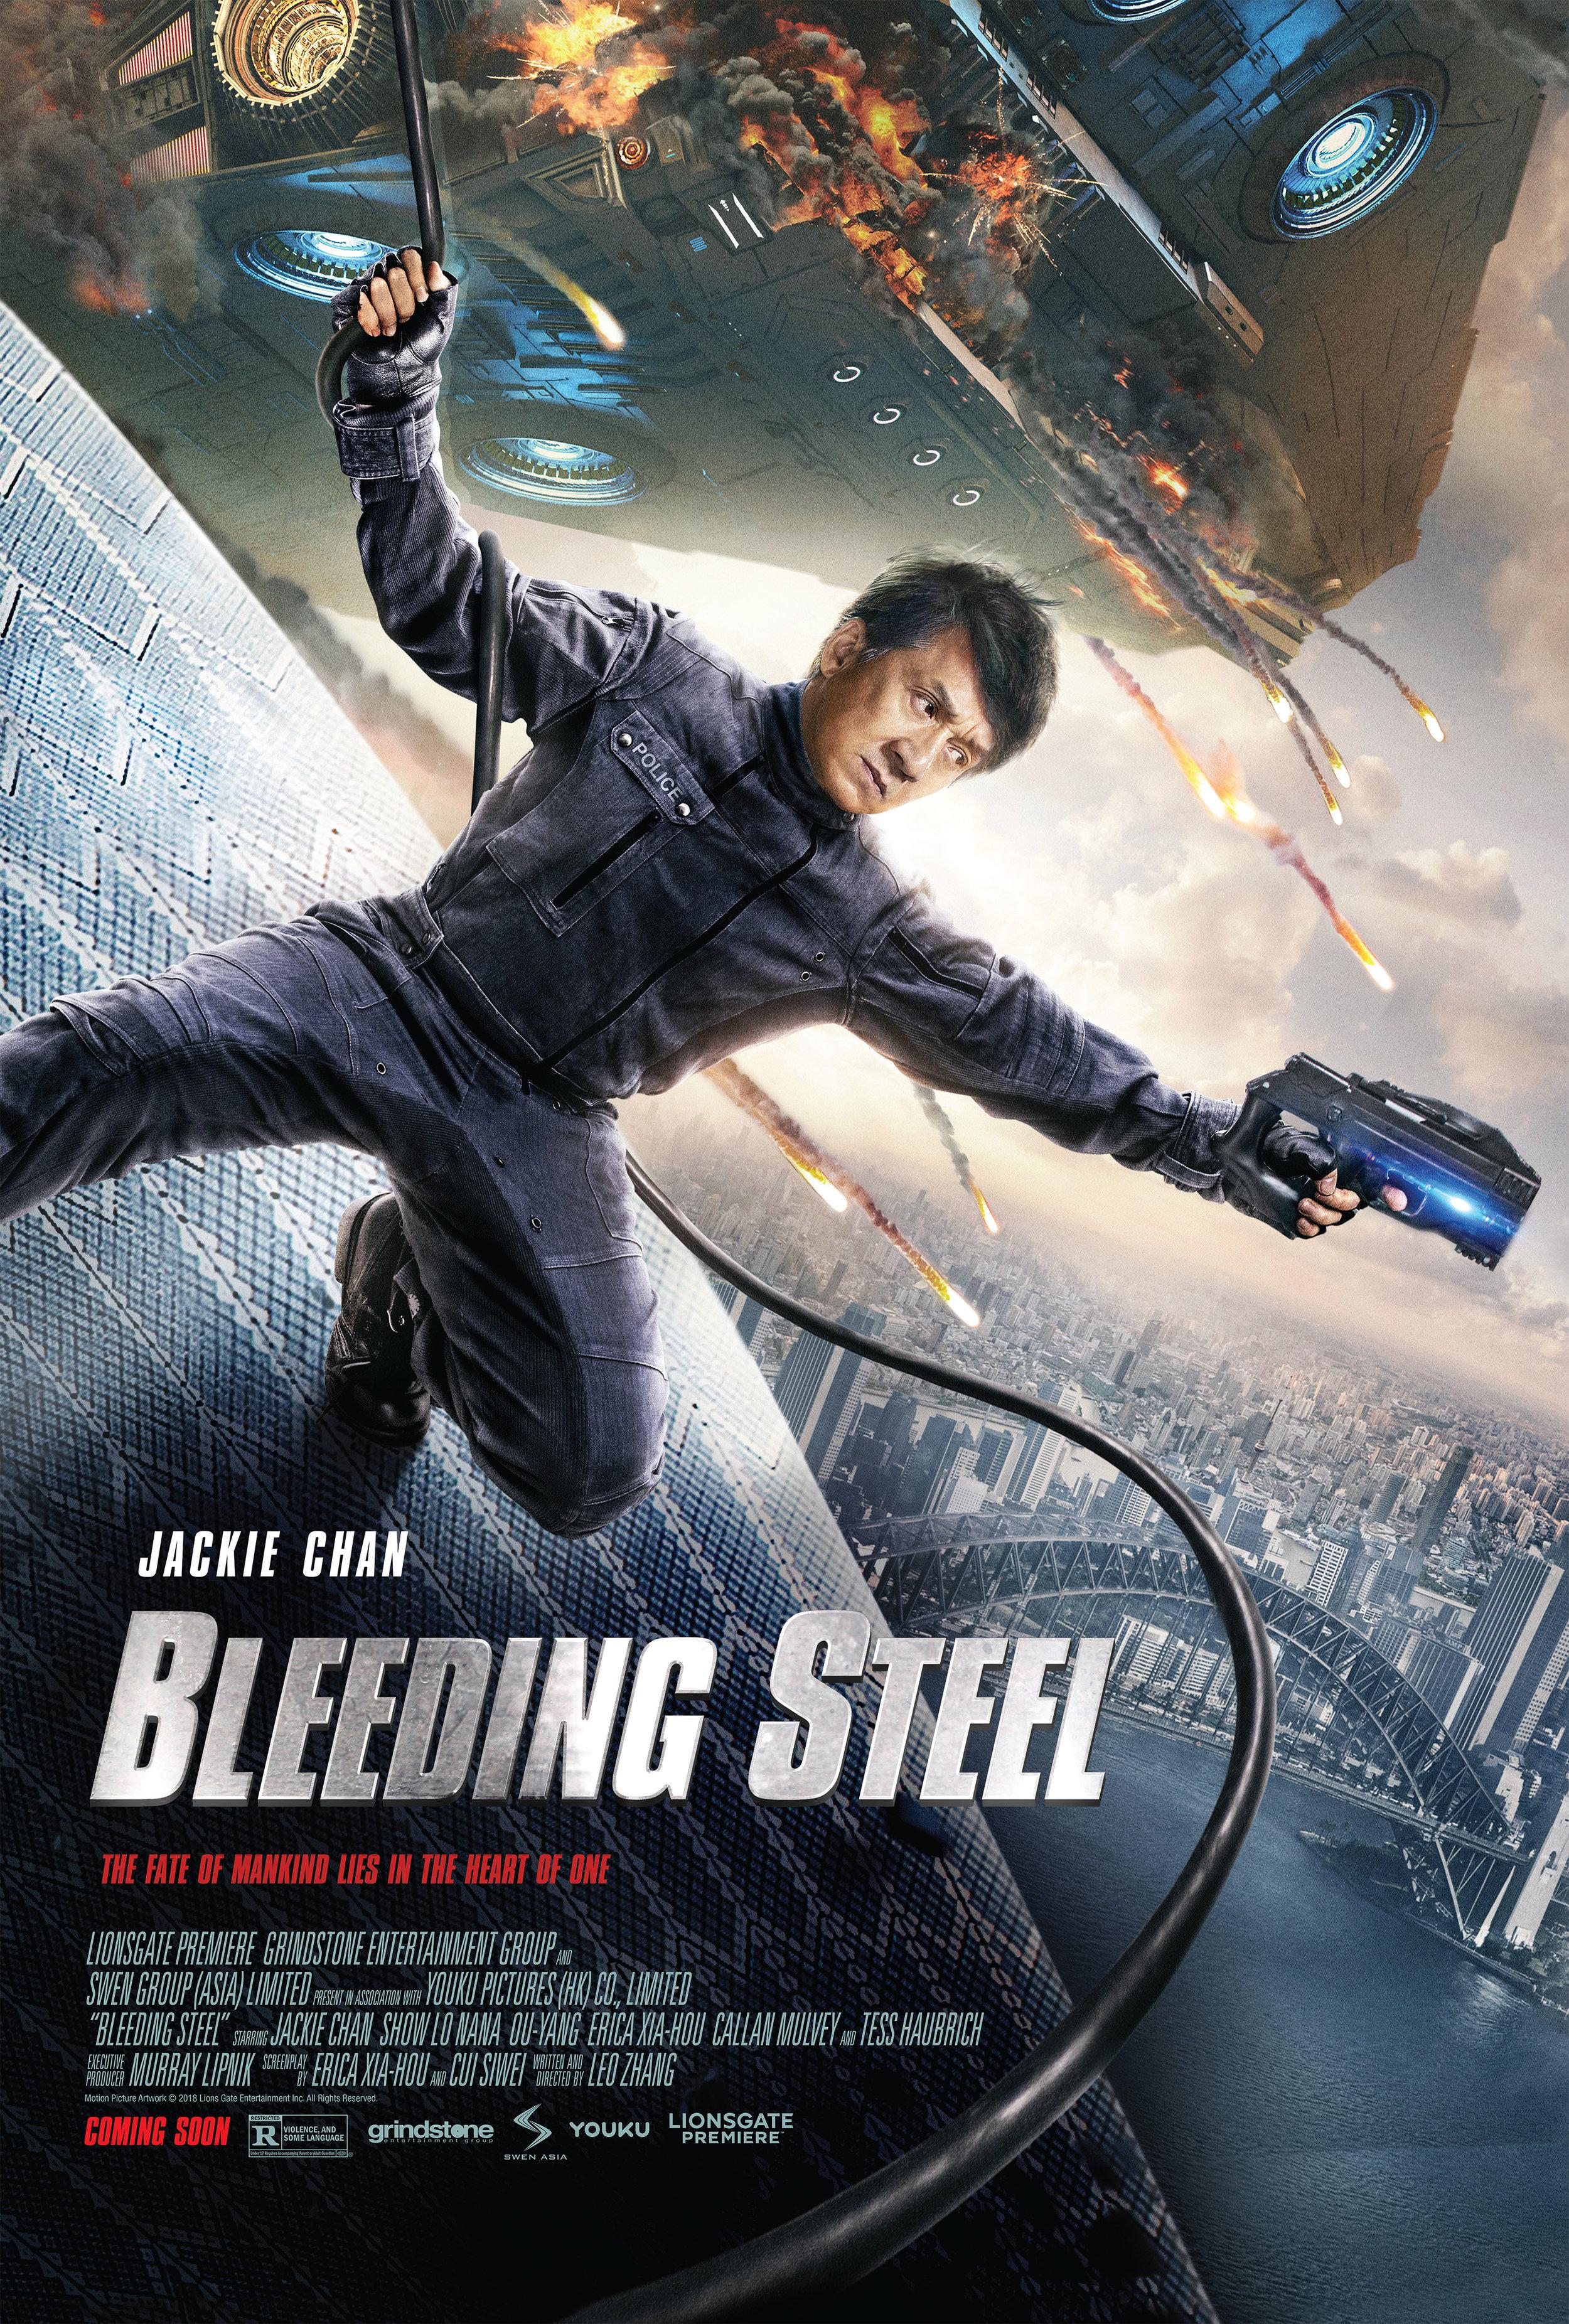 BleedingSteel_Poster.jpg